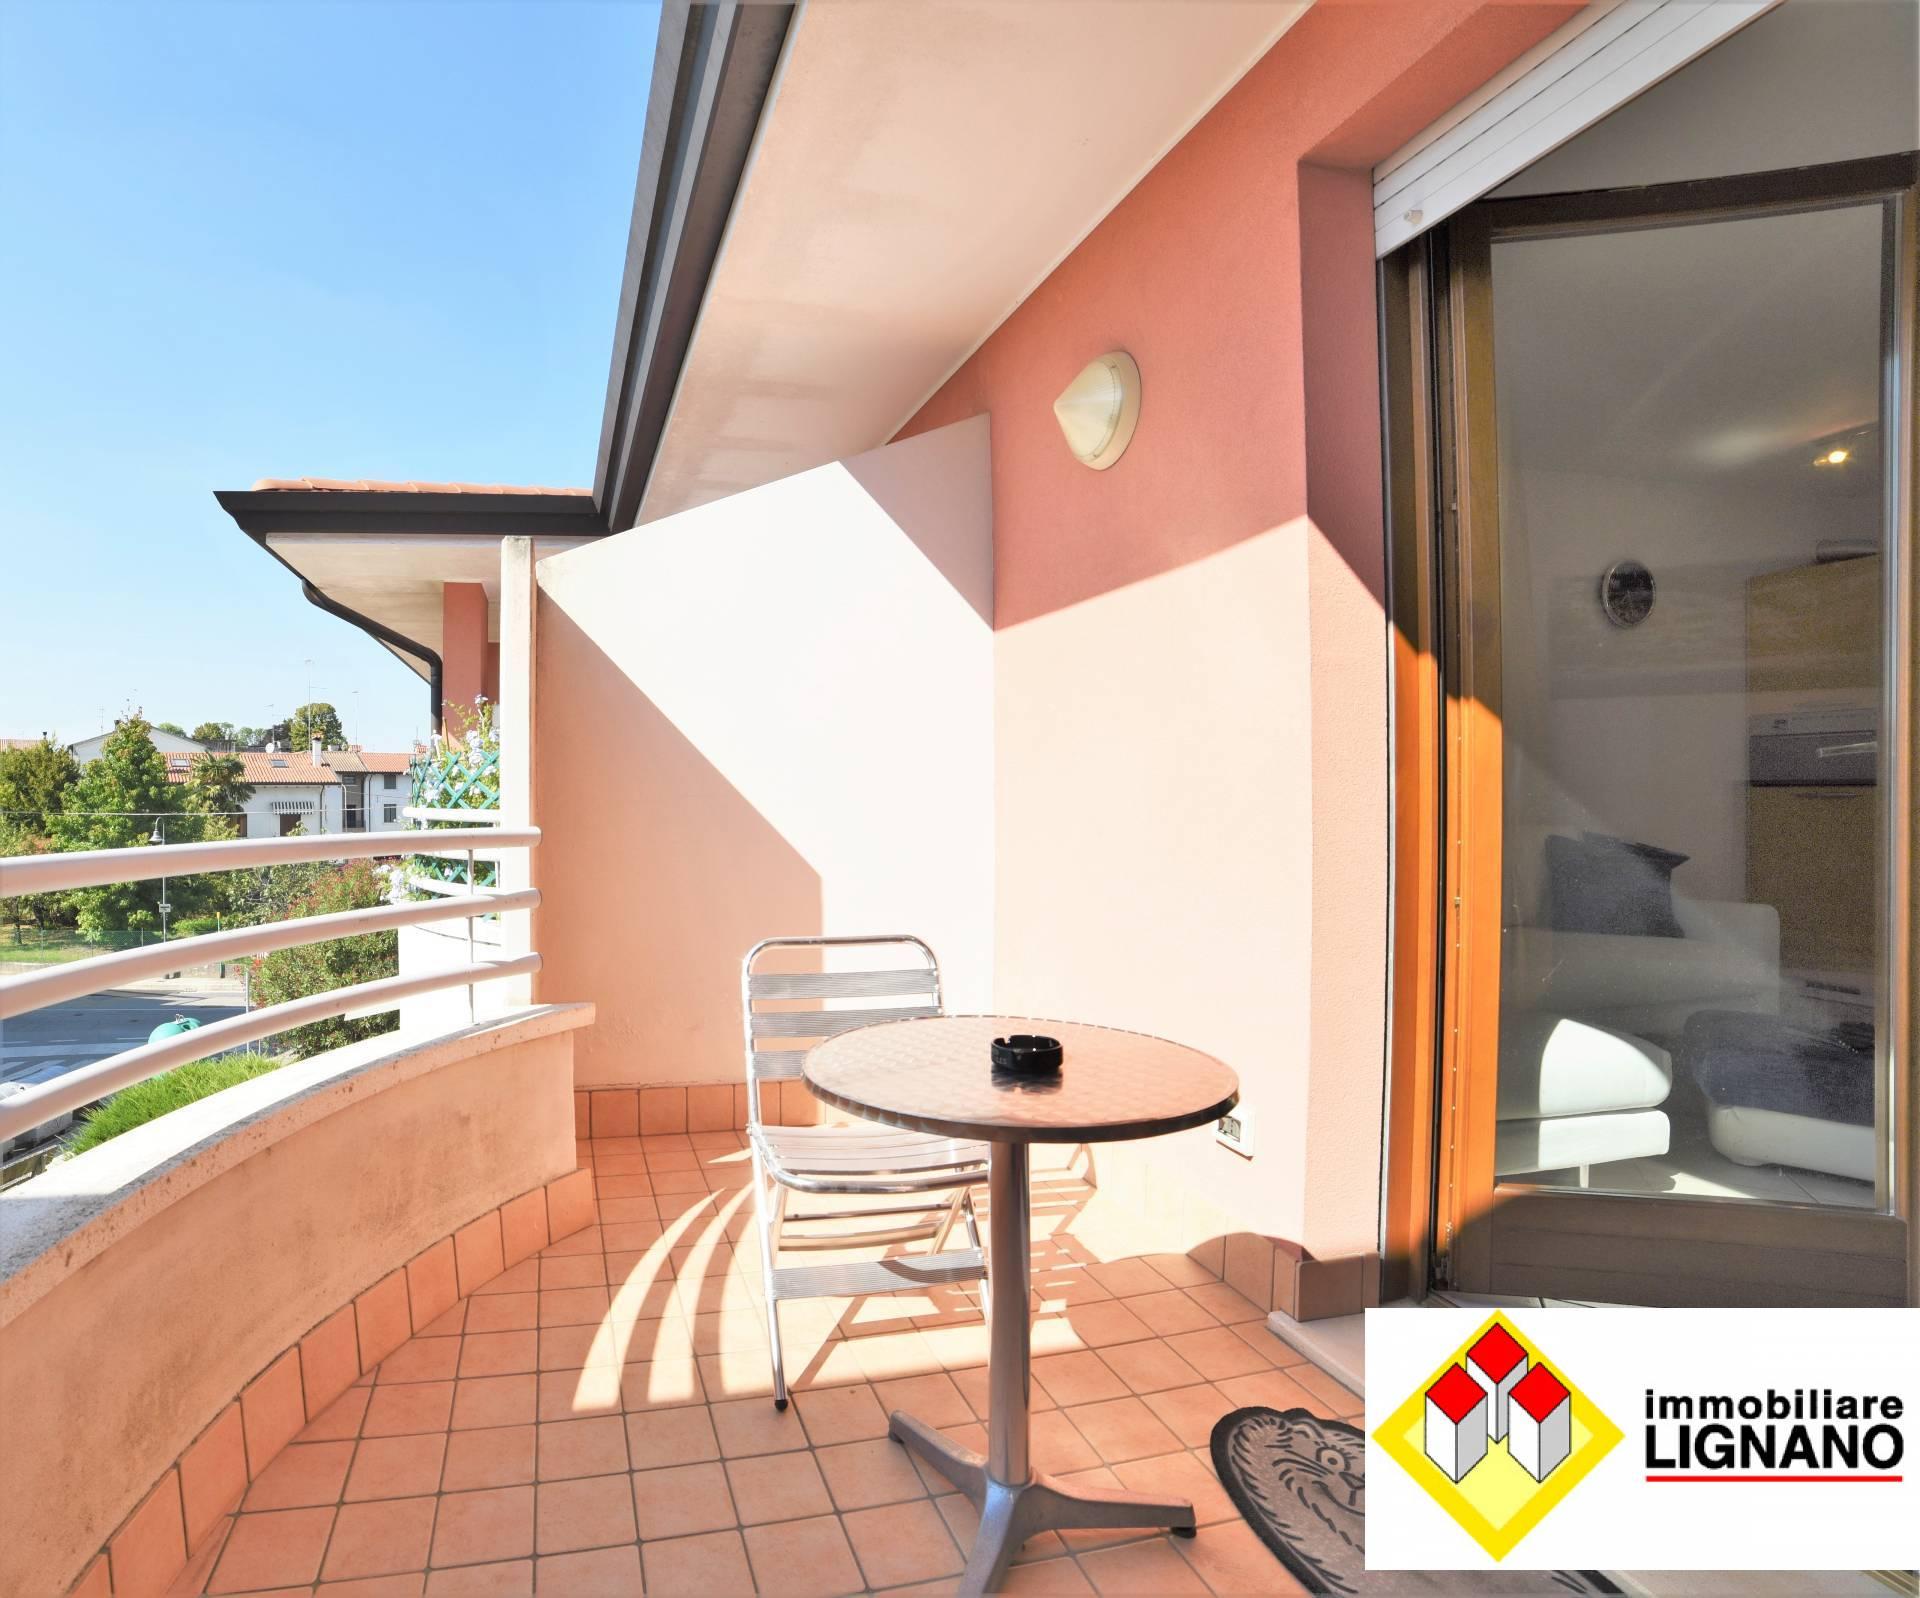 Appartamento in vendita a Latisana, 3 locali, prezzo € 128.000 | PortaleAgenzieImmobiliari.it